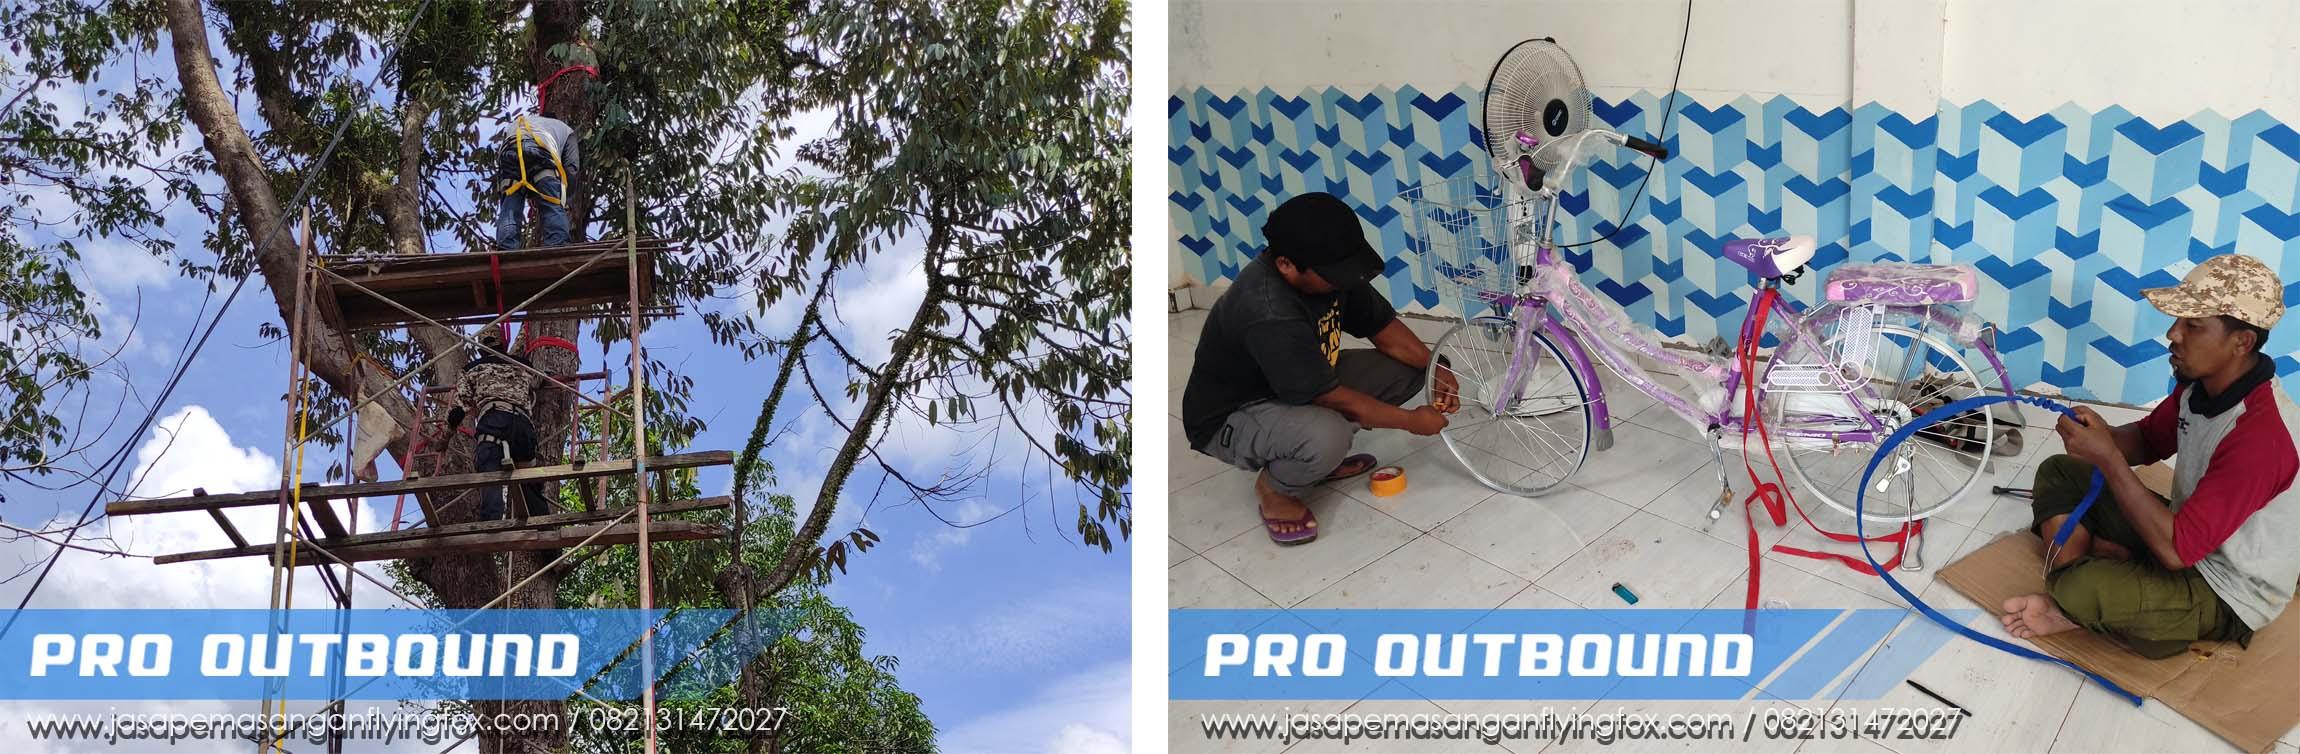 Pemasangan Flyingfox di Pondok Pesantren Kalimantan Selatan, Jual Perlengkapan Flying Fox Jawa Timur - 082131472027 (1)